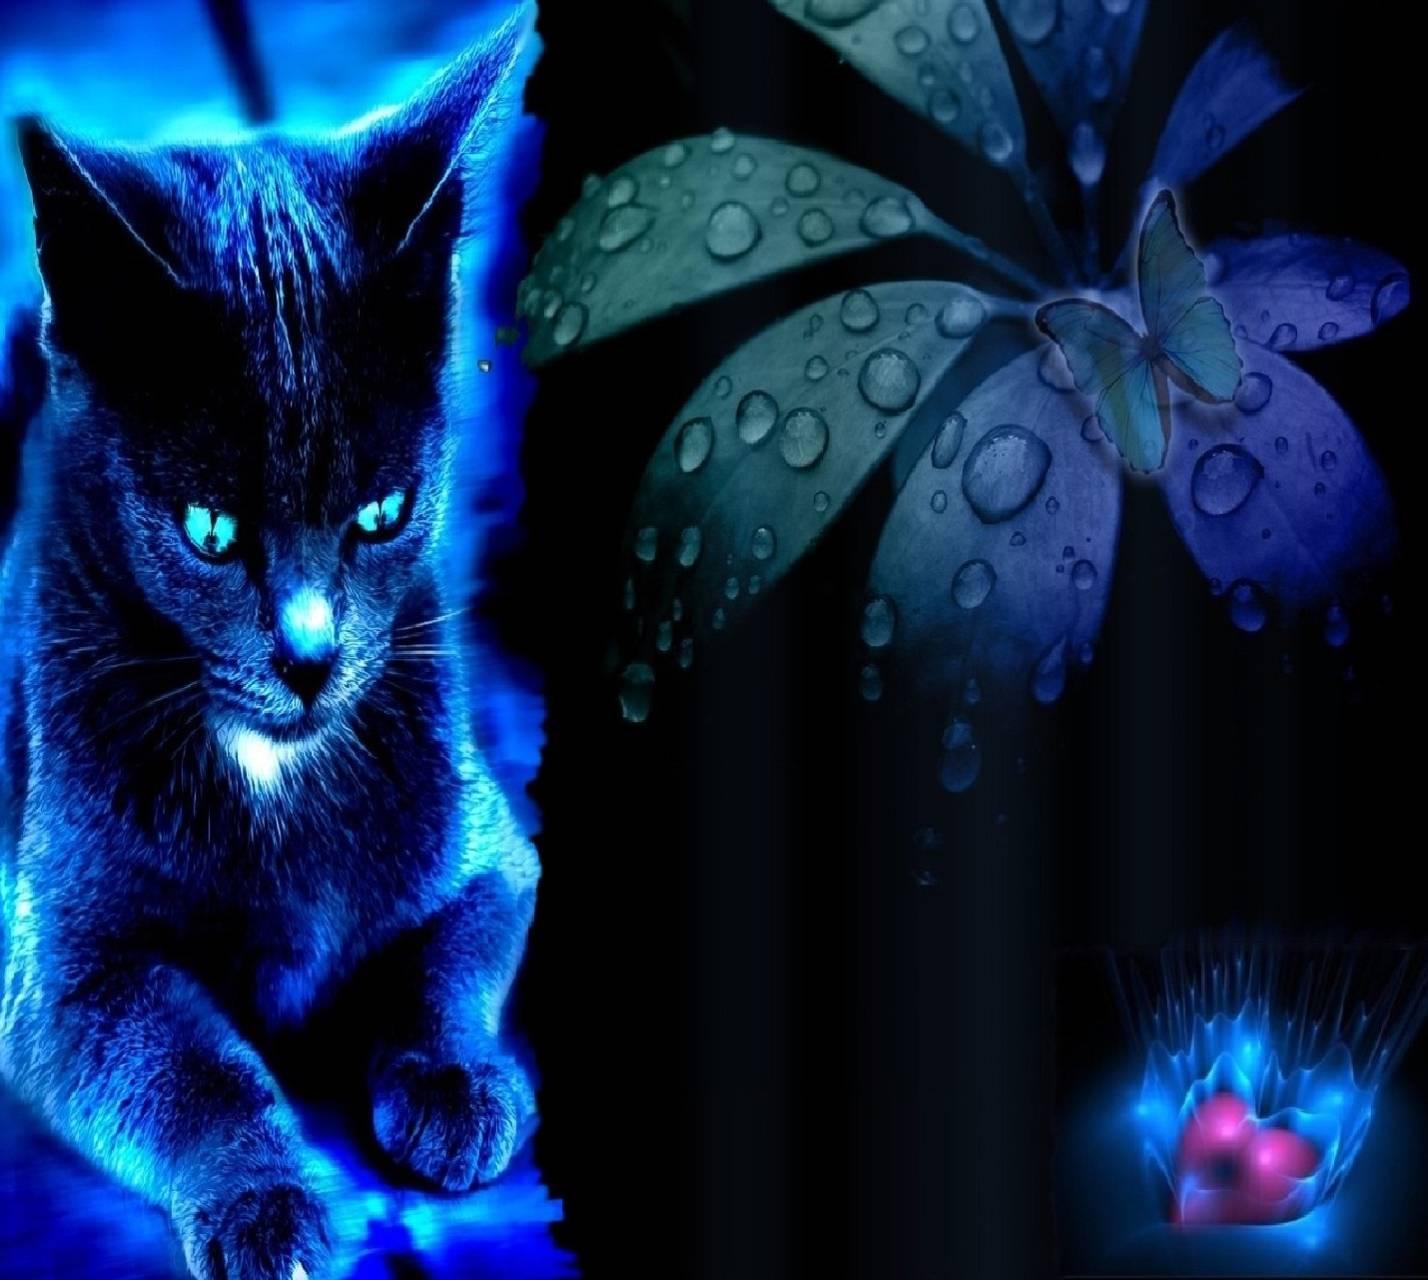 cat--------------